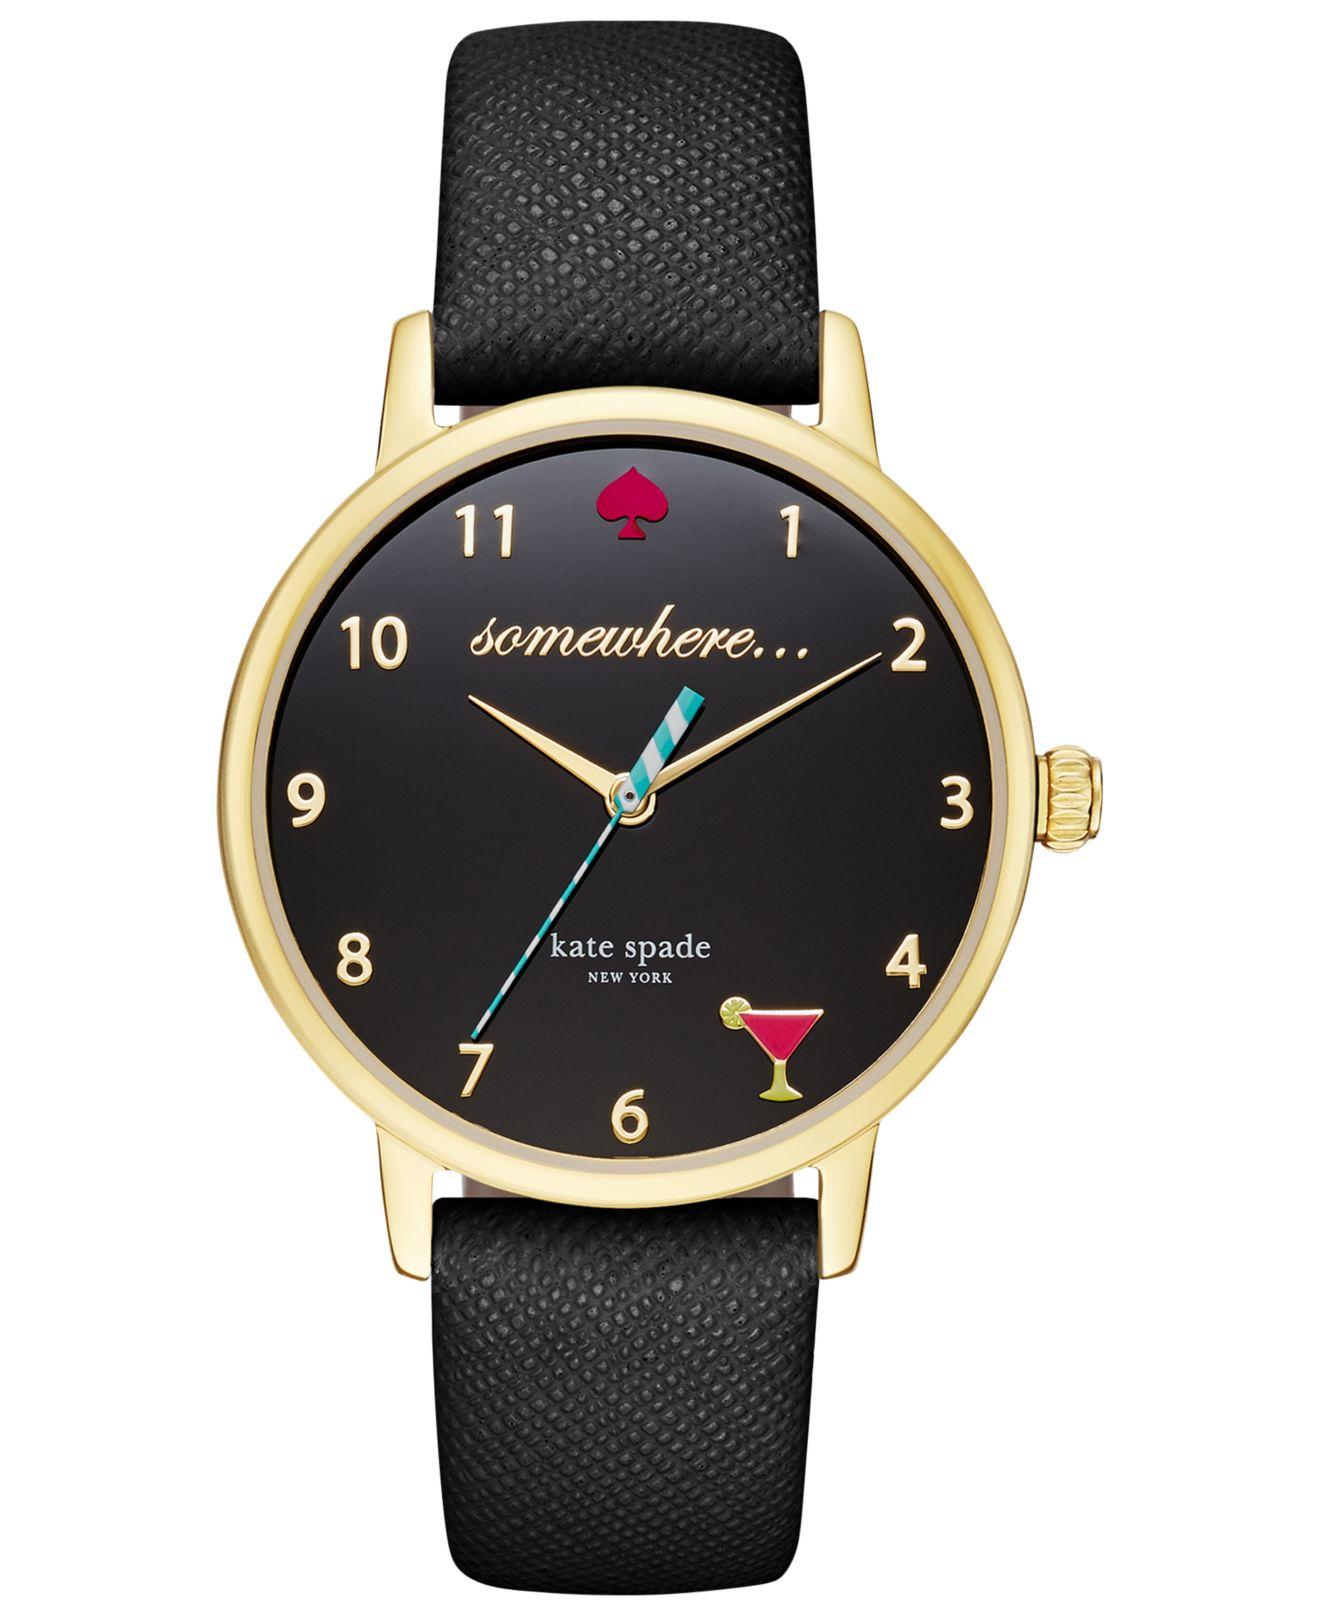 Kate spade Women's Black Leather Strap Watch 34mm Ksw1039 ...